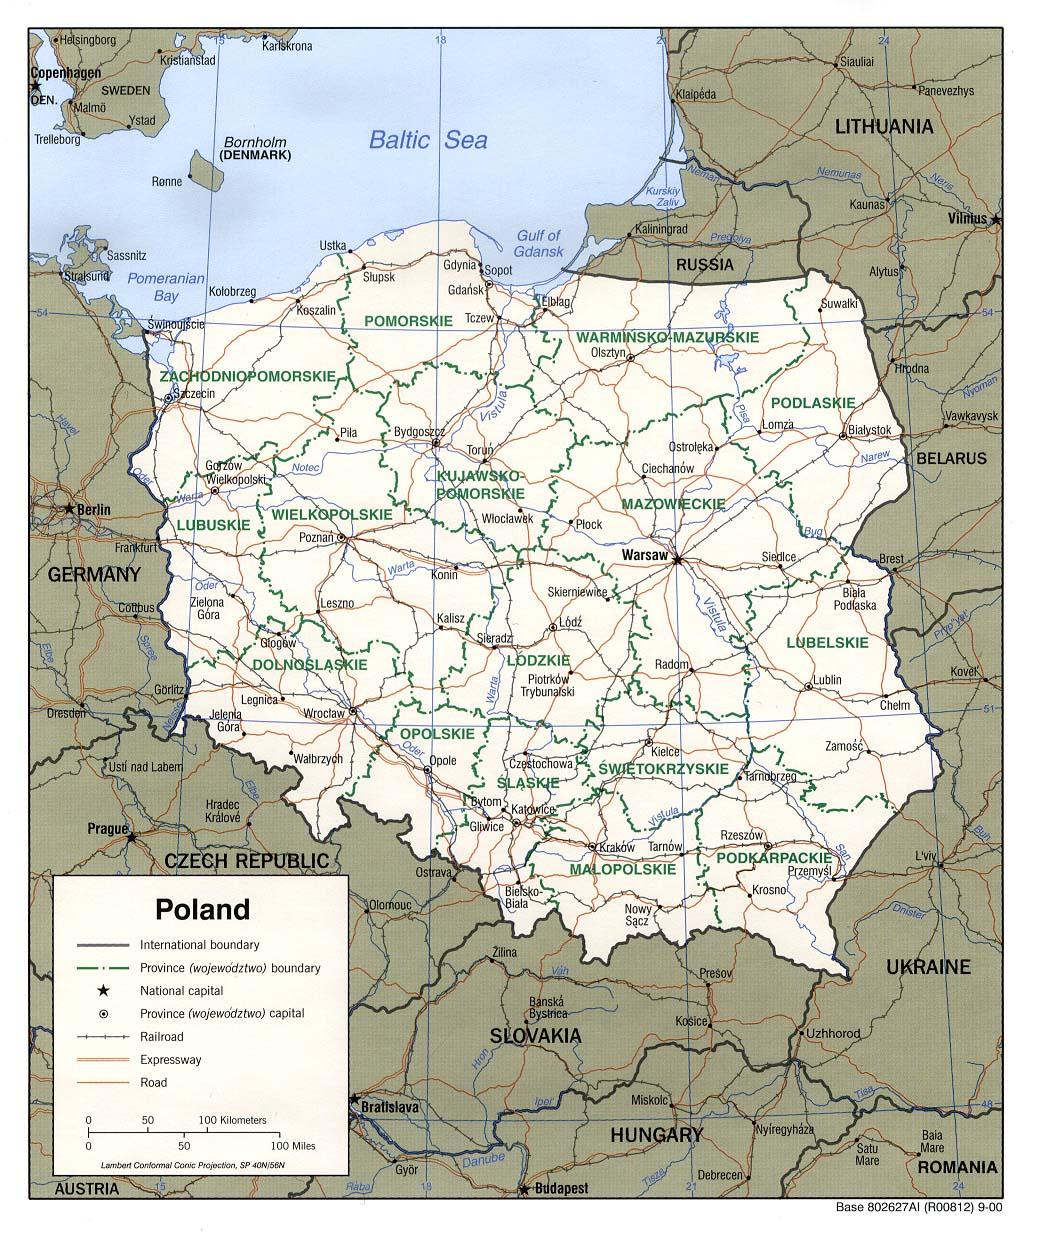 保加利亚地图 欧洲地图 europe maps 世界地图 美景